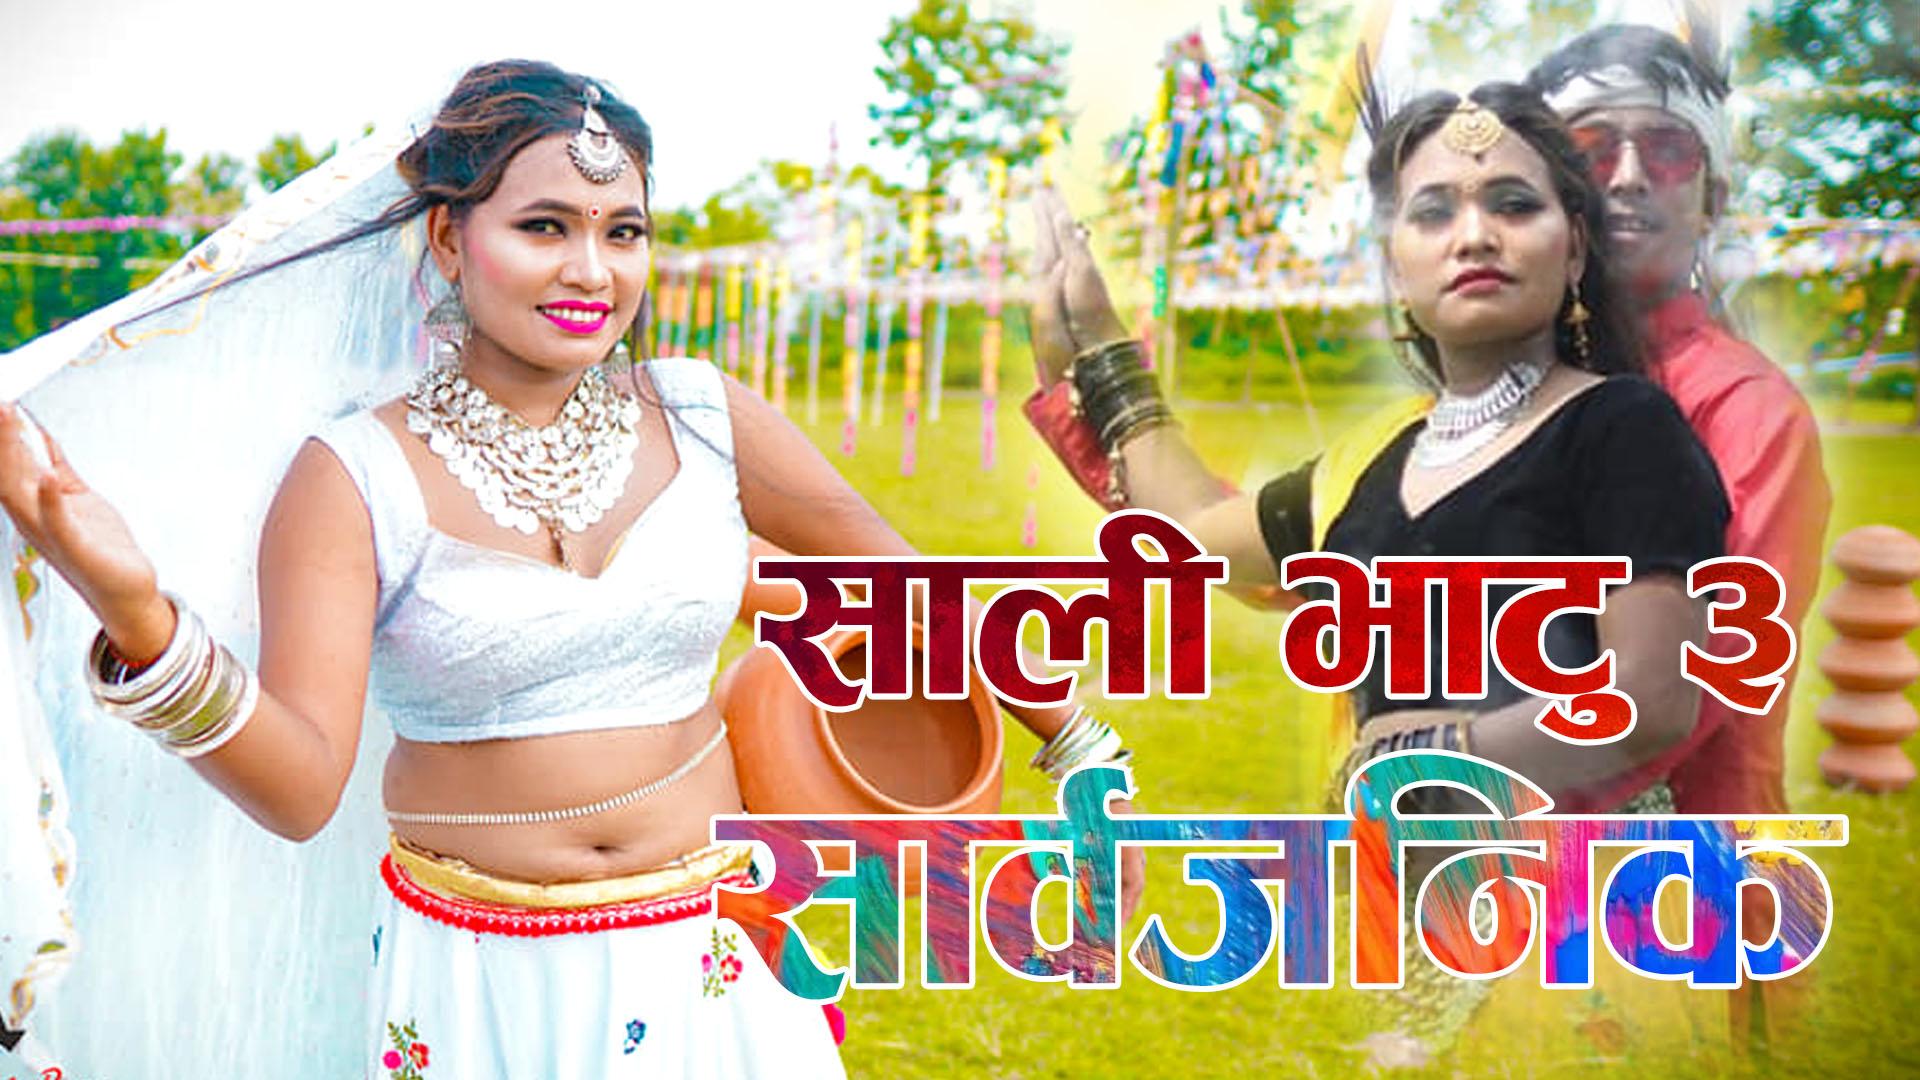 साली भाटु ३ र अन्नु चौधरीको एक थारु र दुई नेपाली गीत सार्वजनिक